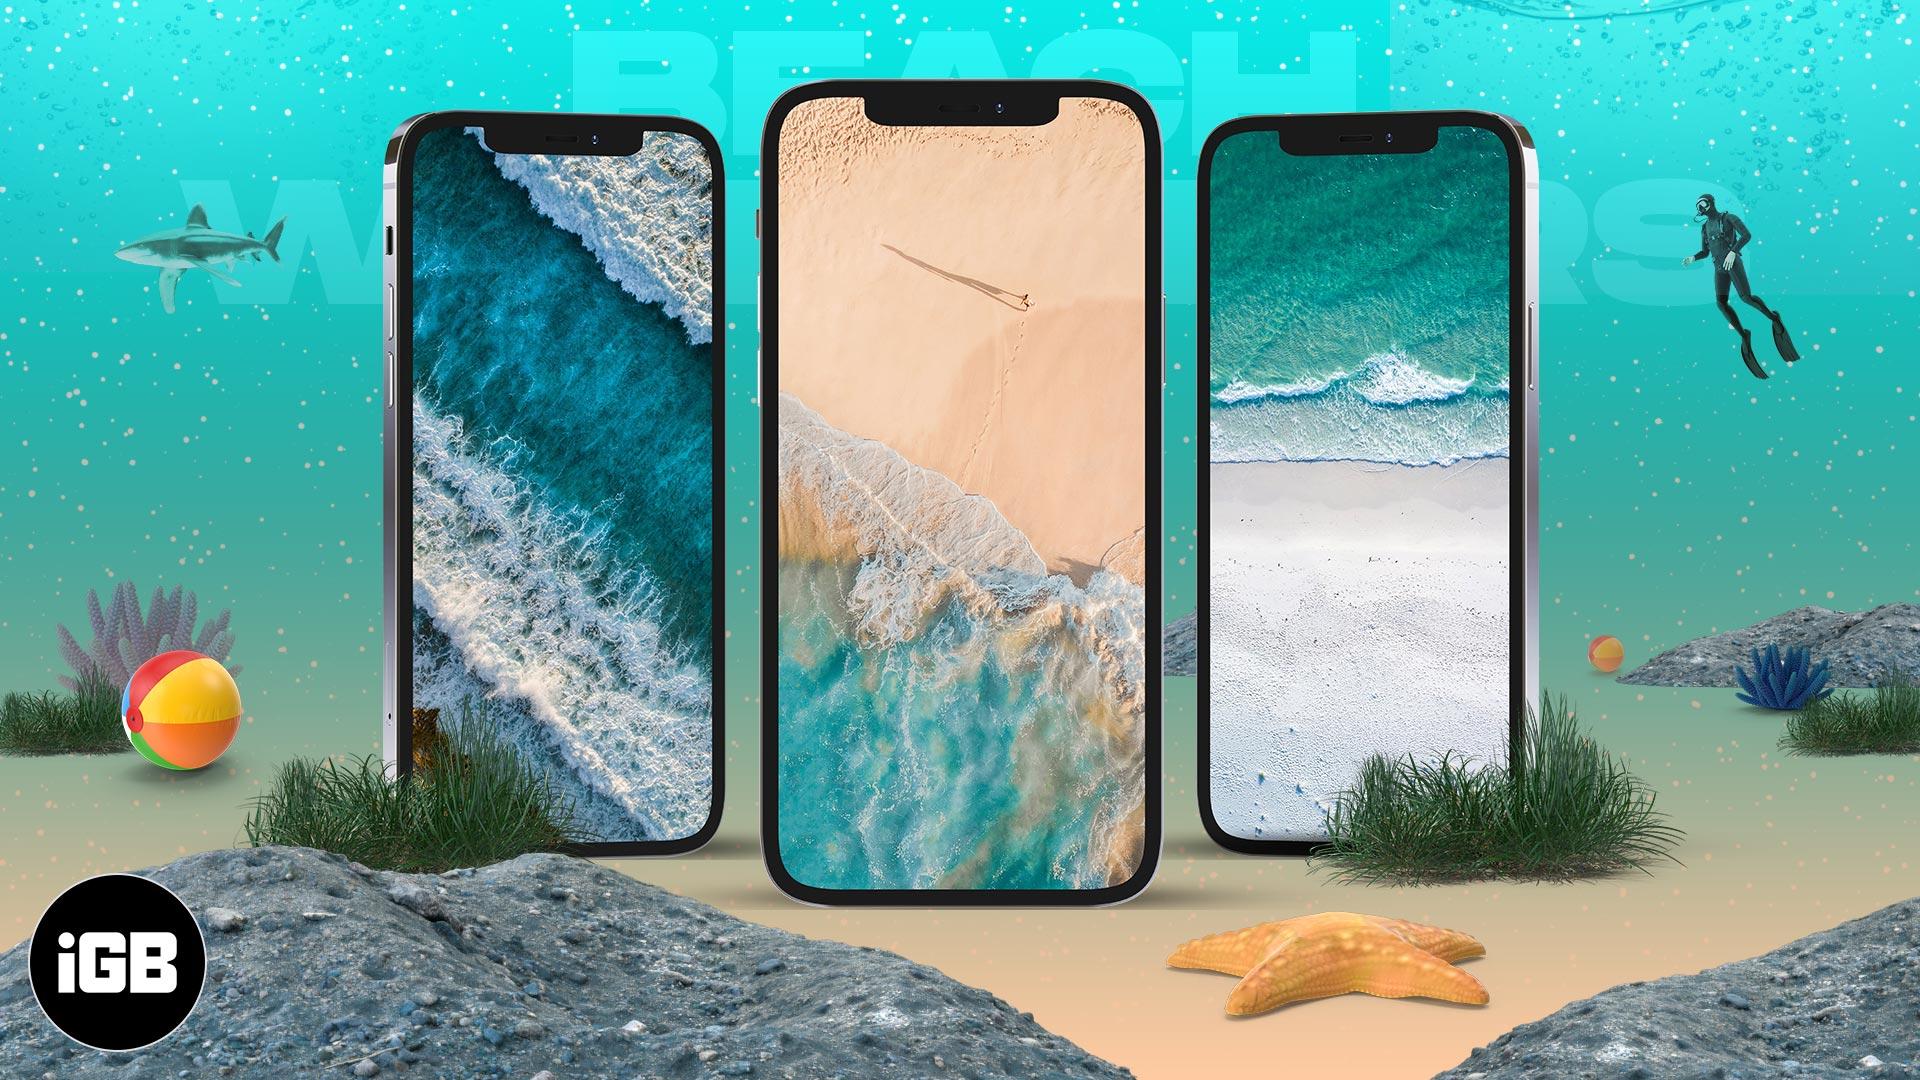 15 Best Beach Iphone Wallpapers In 2021 Free Hd Download Igeeksblog